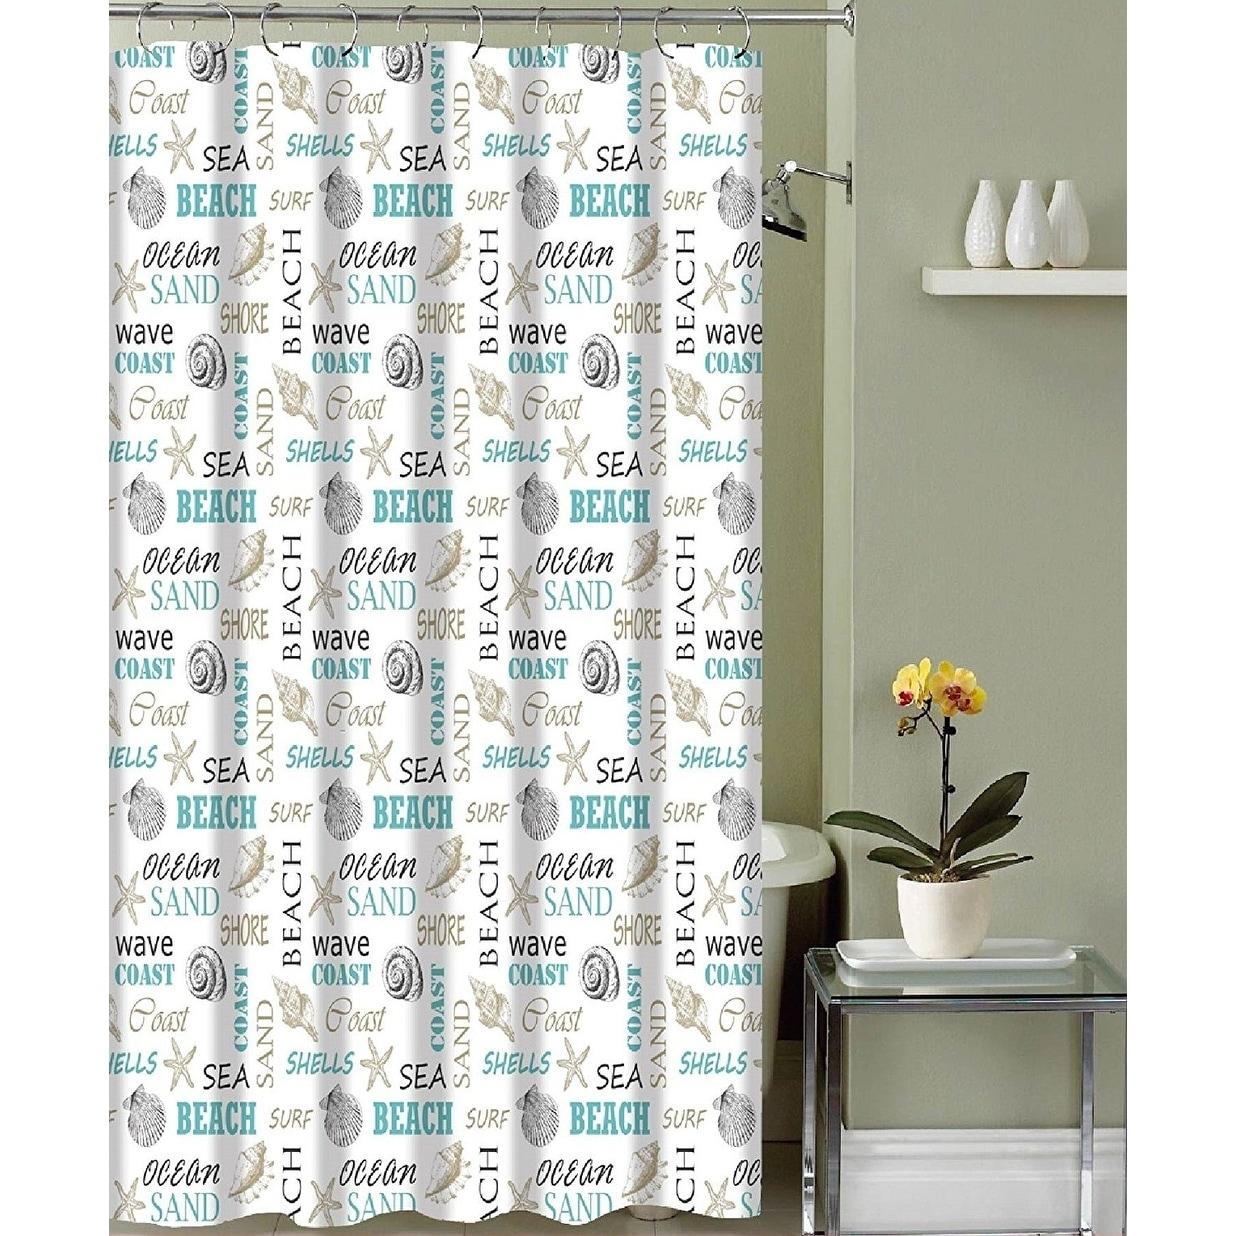 Fabric Shower Curtain Modern Decorative